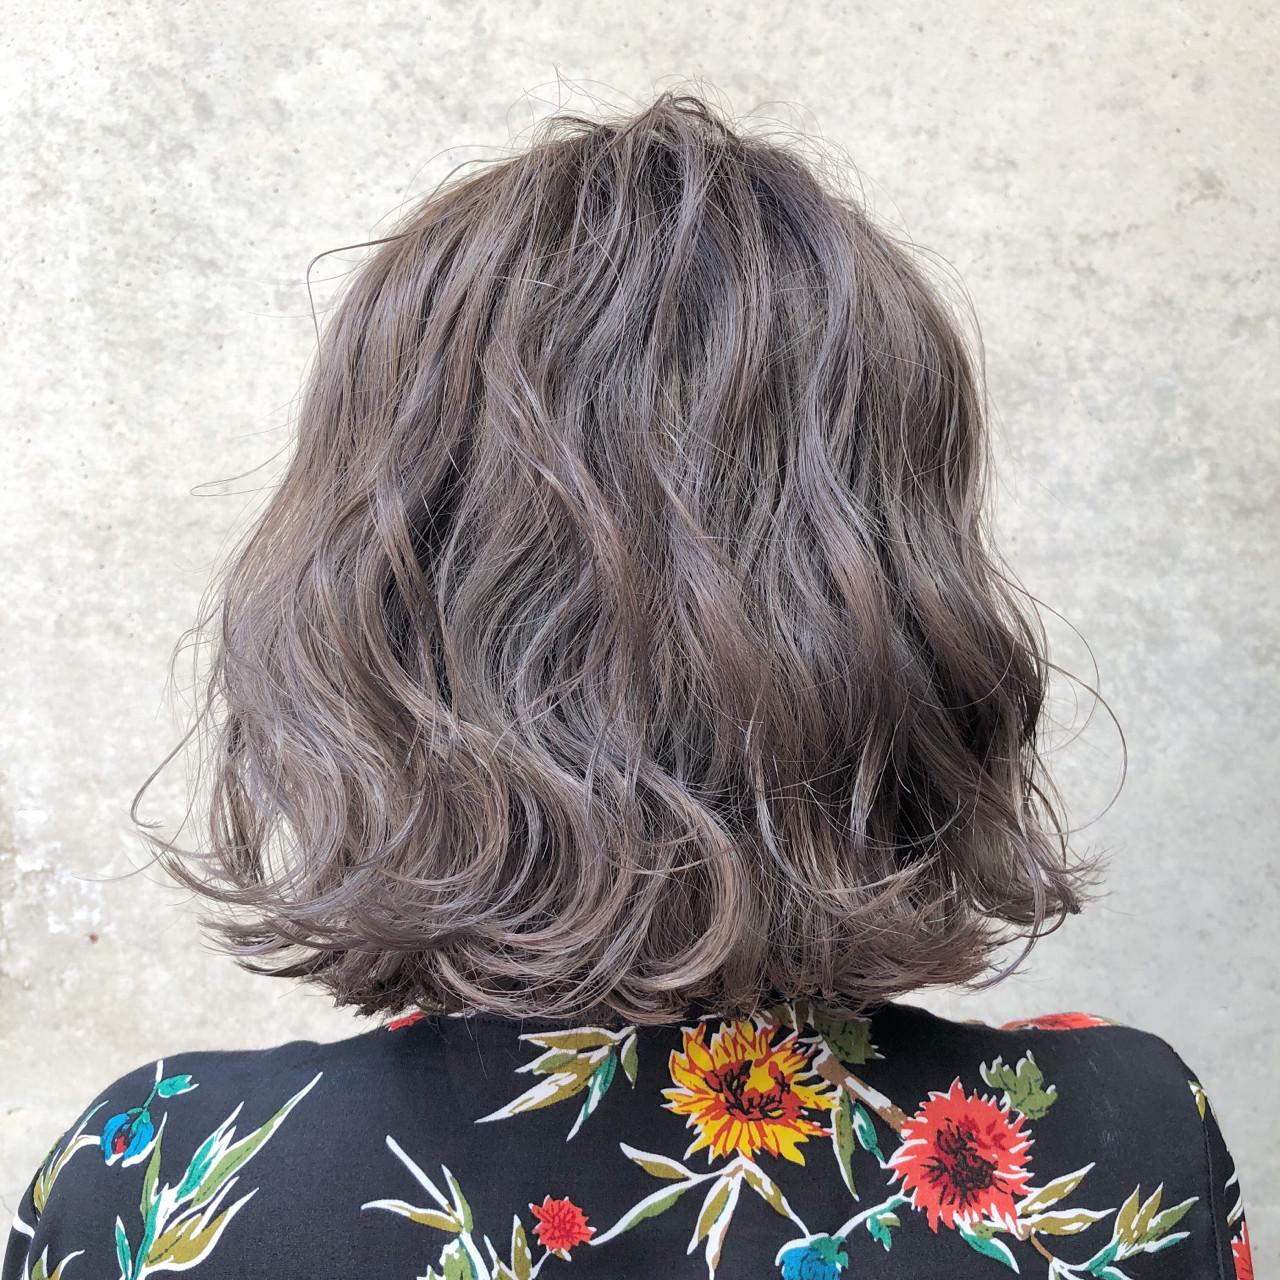 ラベンダーアッシュ ストリート バレイヤージュ グレージュ ヘアスタイルや髪型の写真・画像